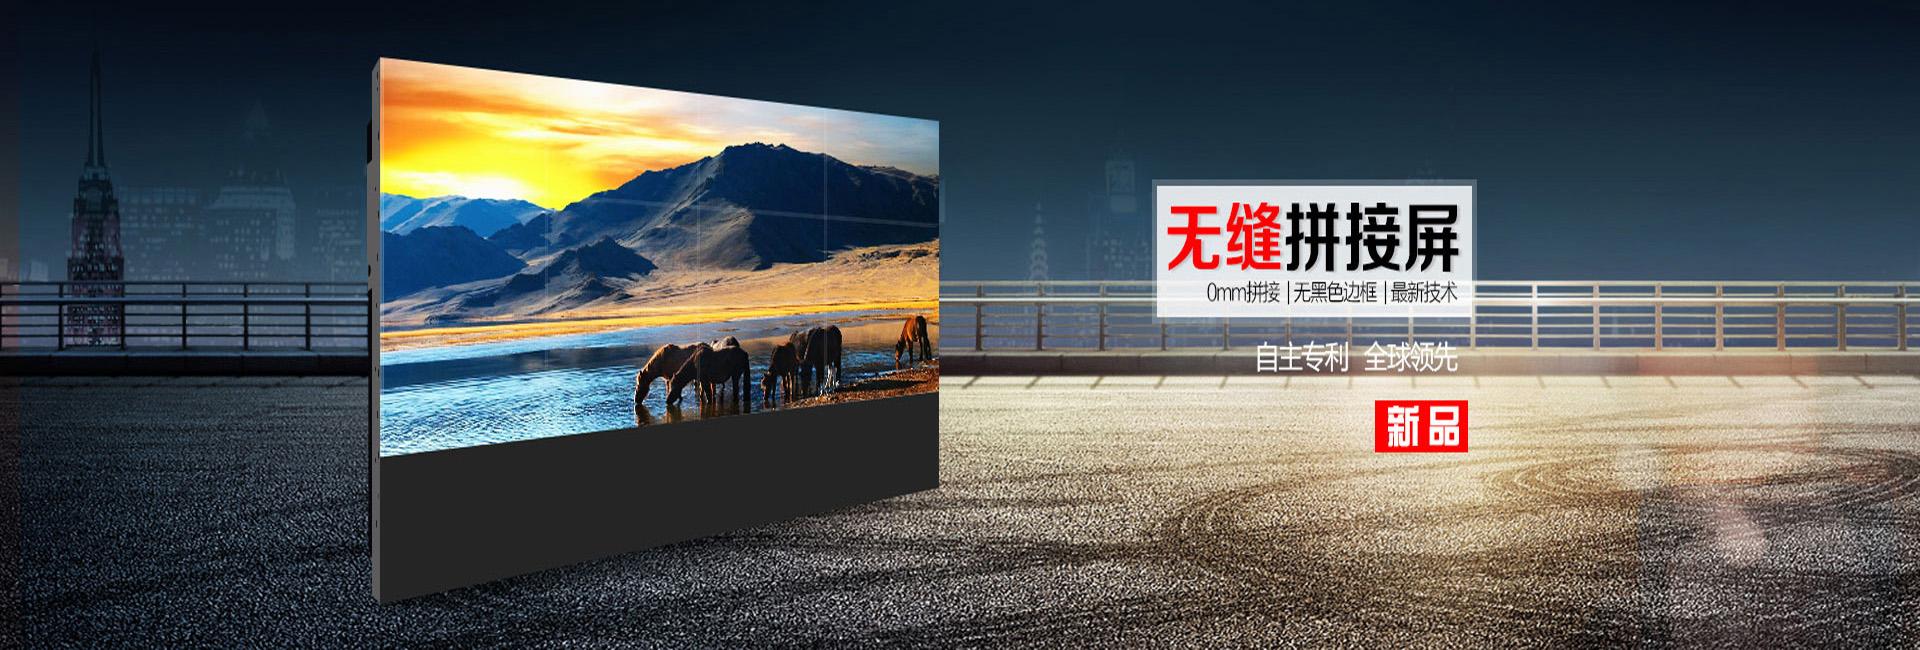 西安液晶彩立方平台官网屏